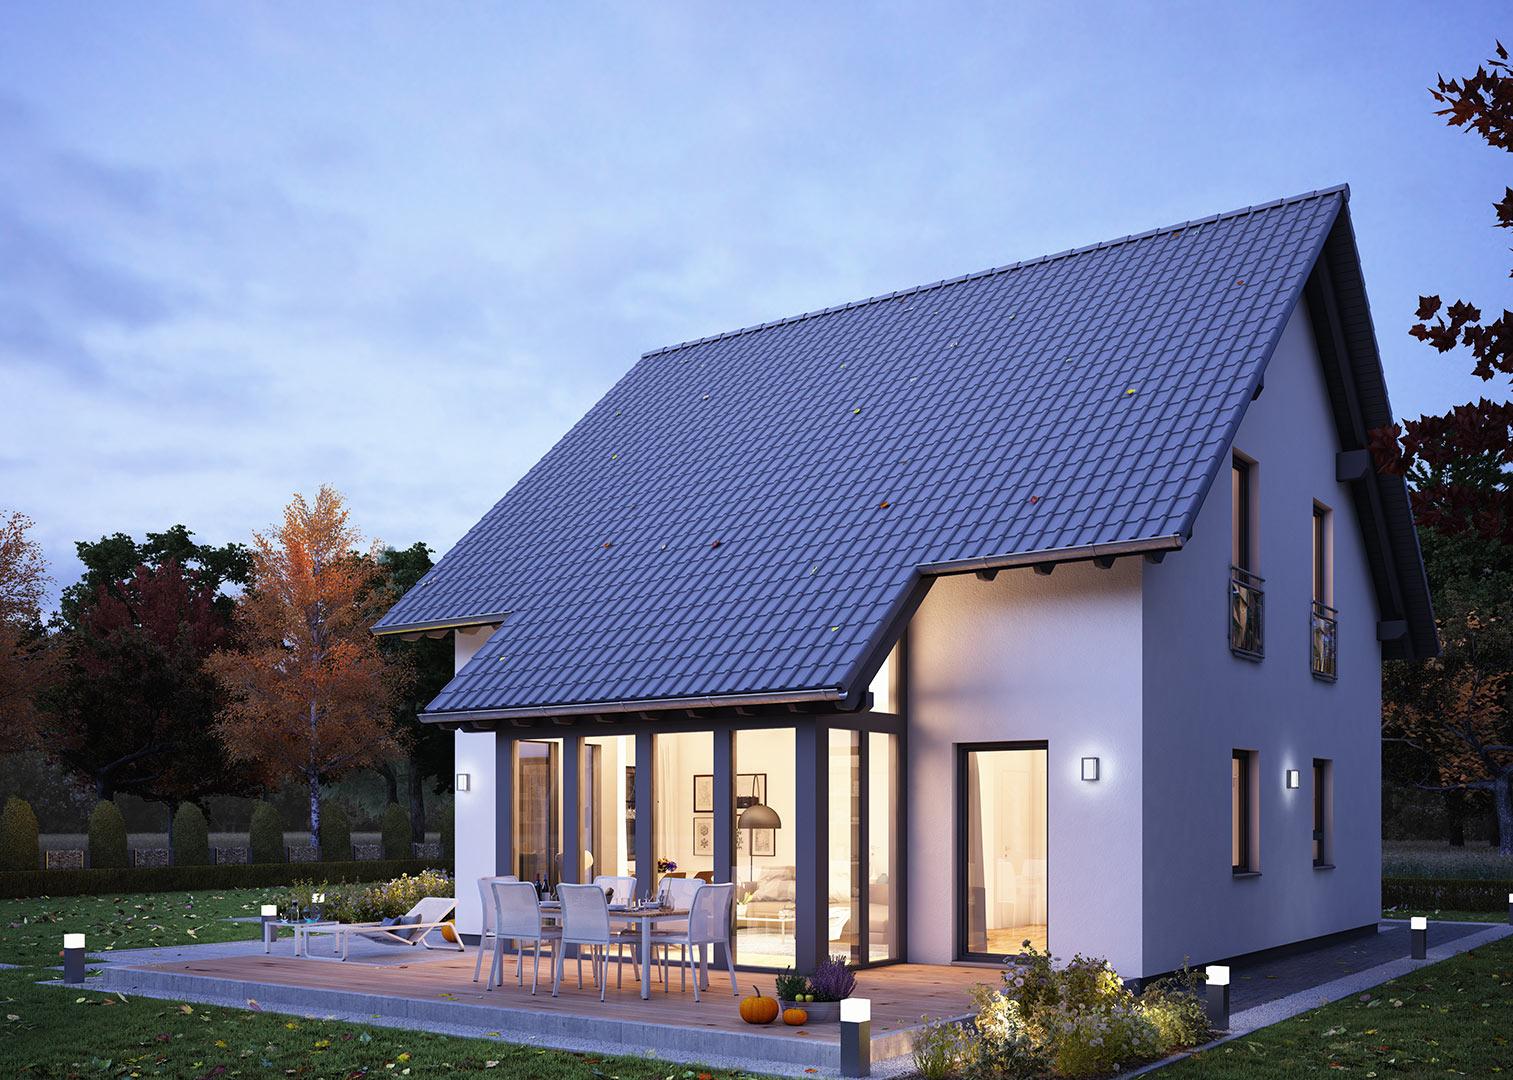 massa-einfamilienhaus-lifestyle-14-02-s-bild-2